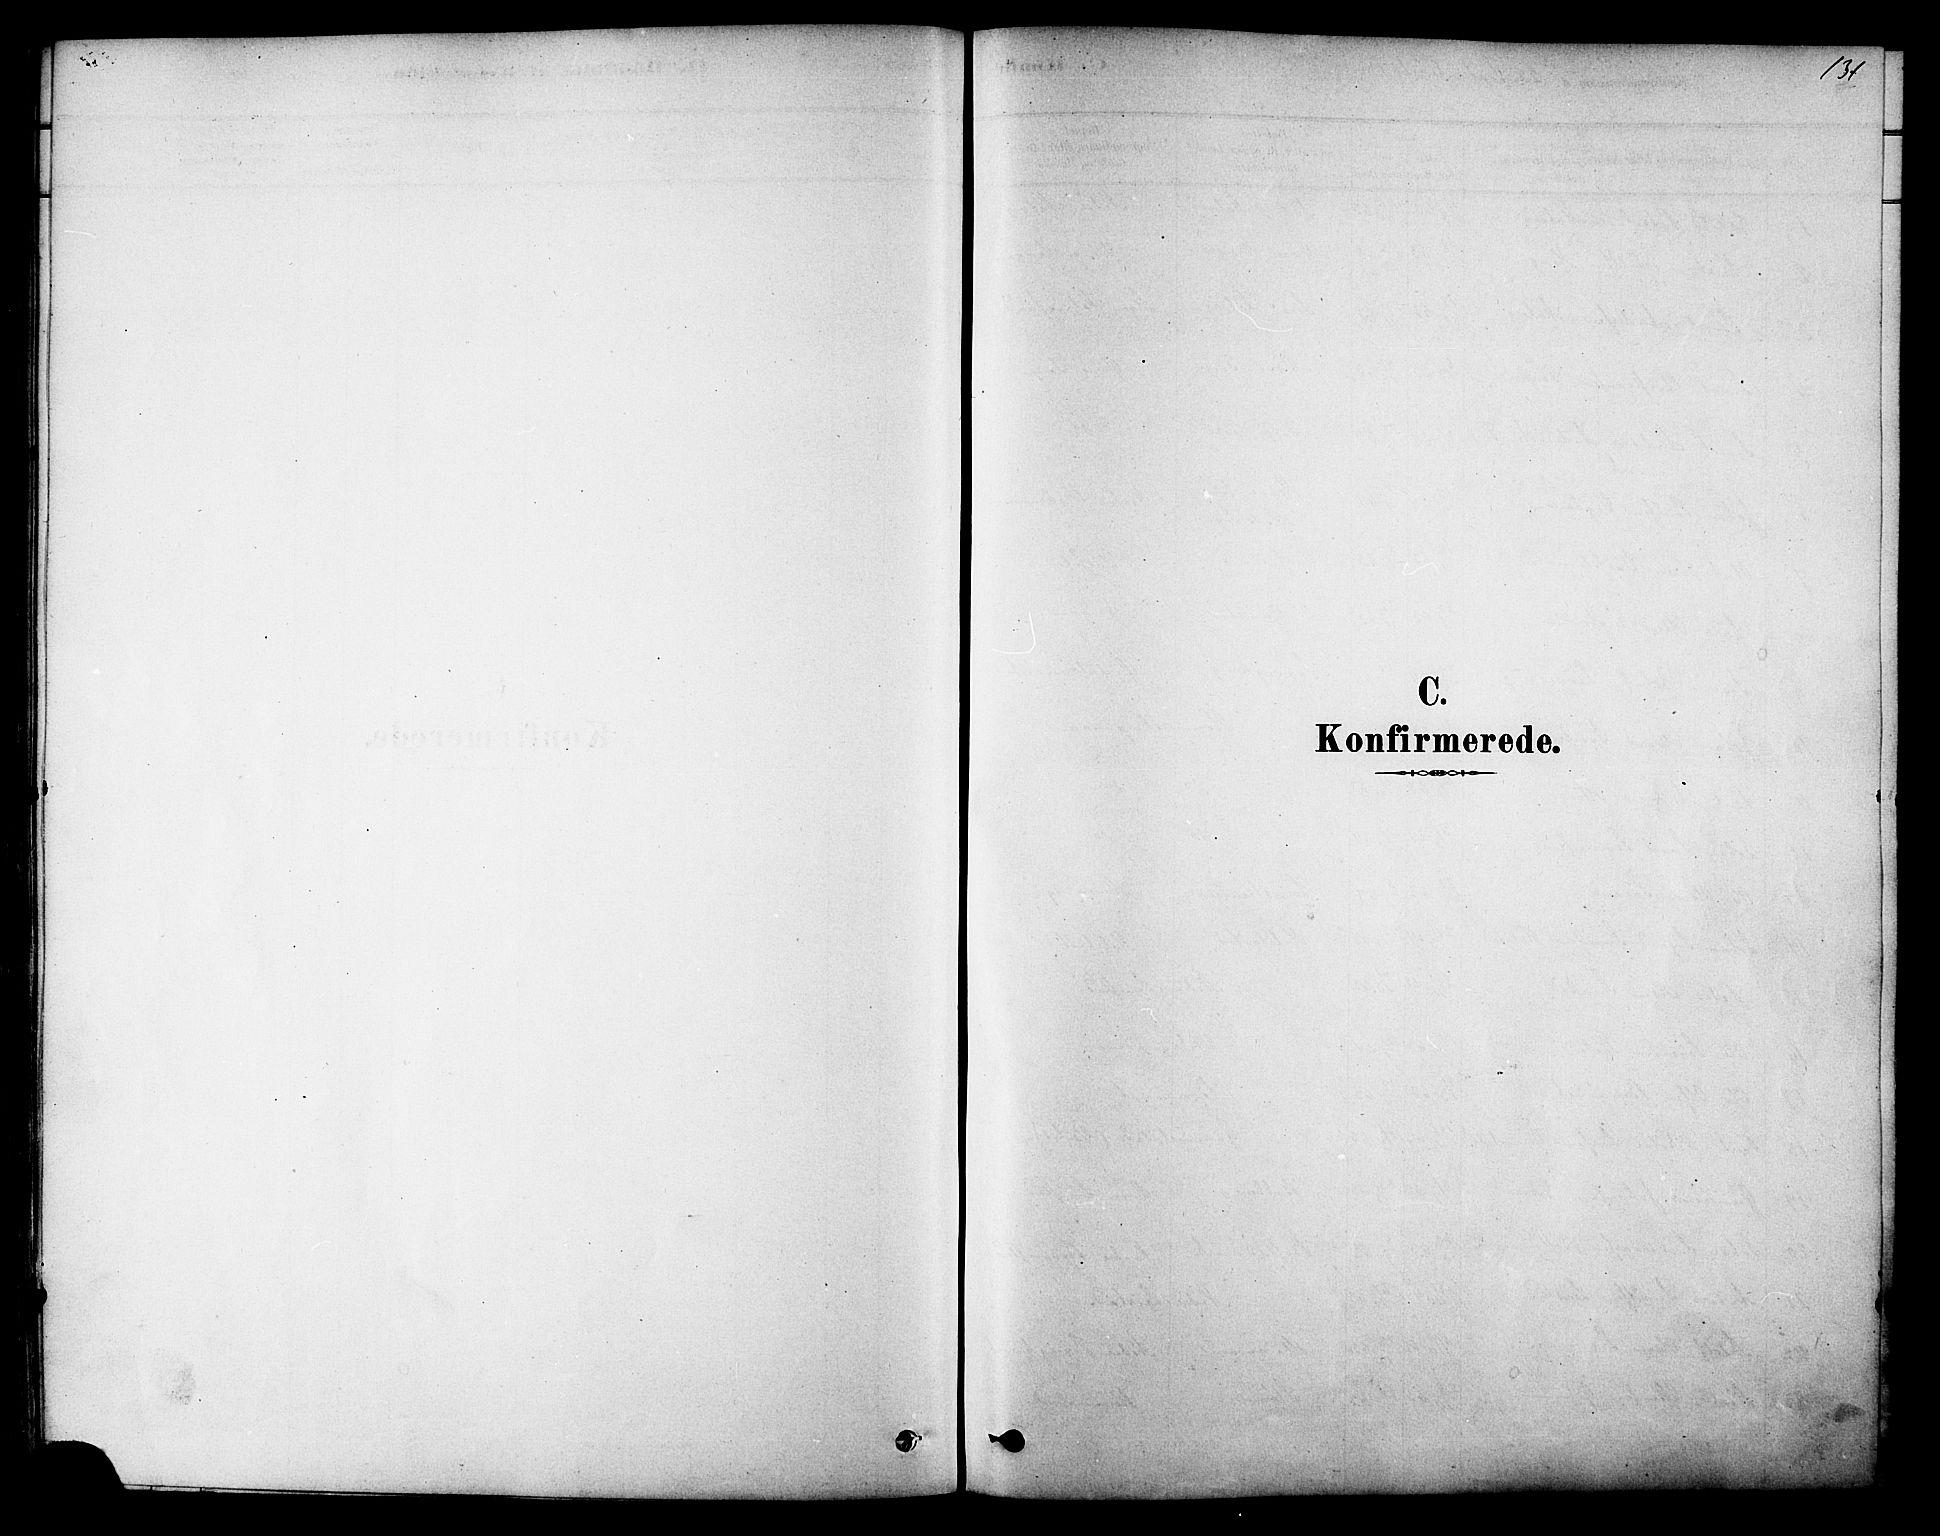 SAT, Ministerialprotokoller, klokkerbøker og fødselsregistre - Sør-Trøndelag, 616/L0410: Ministerialbok nr. 616A07, 1878-1893, s. 131